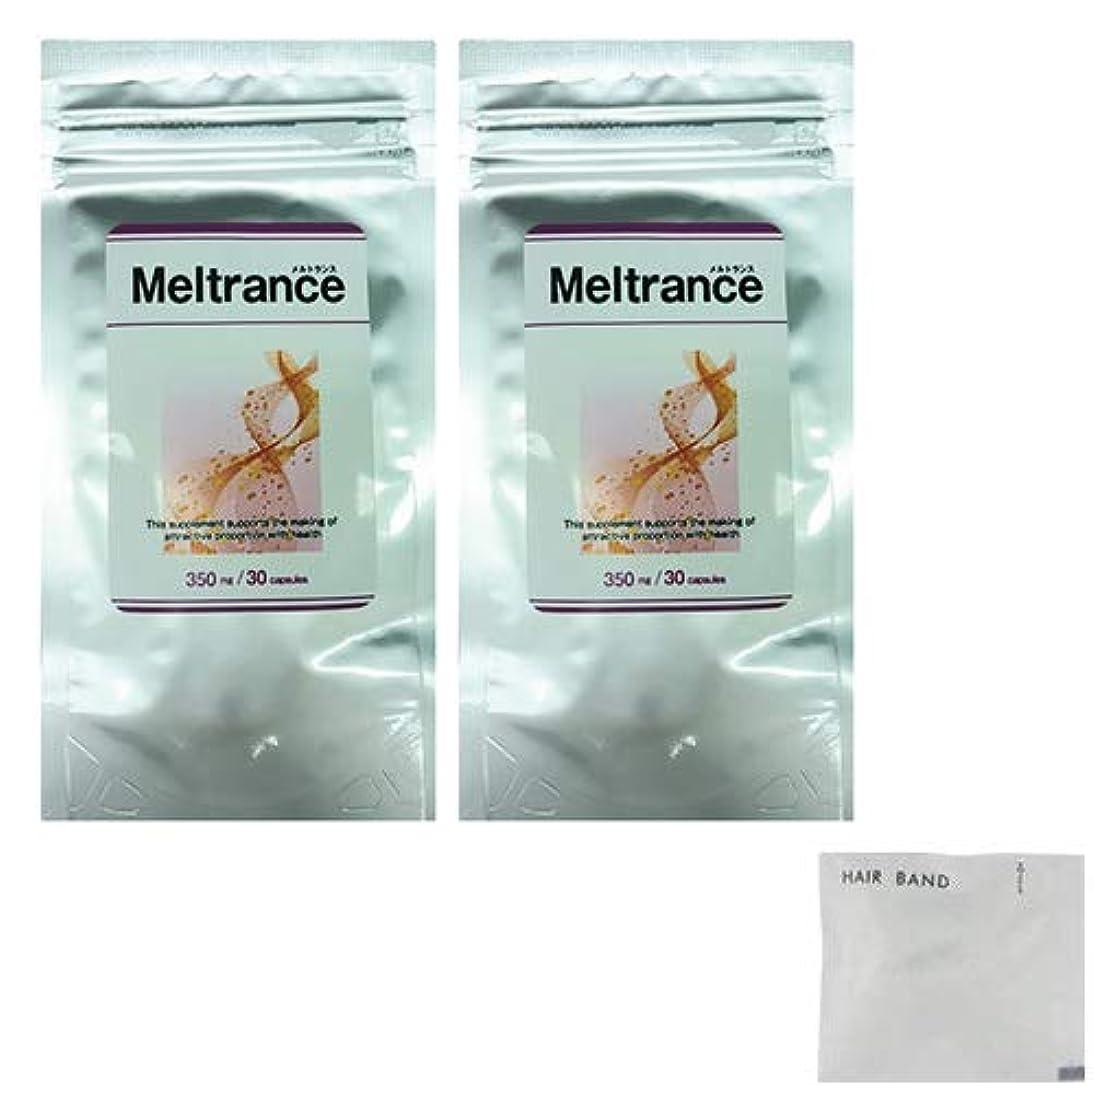 機動ジャンク個人的なメルトランス(Meltrance) サプリメント 30粒×2個 + ヘアゴム(カラーはおまかせ)セット